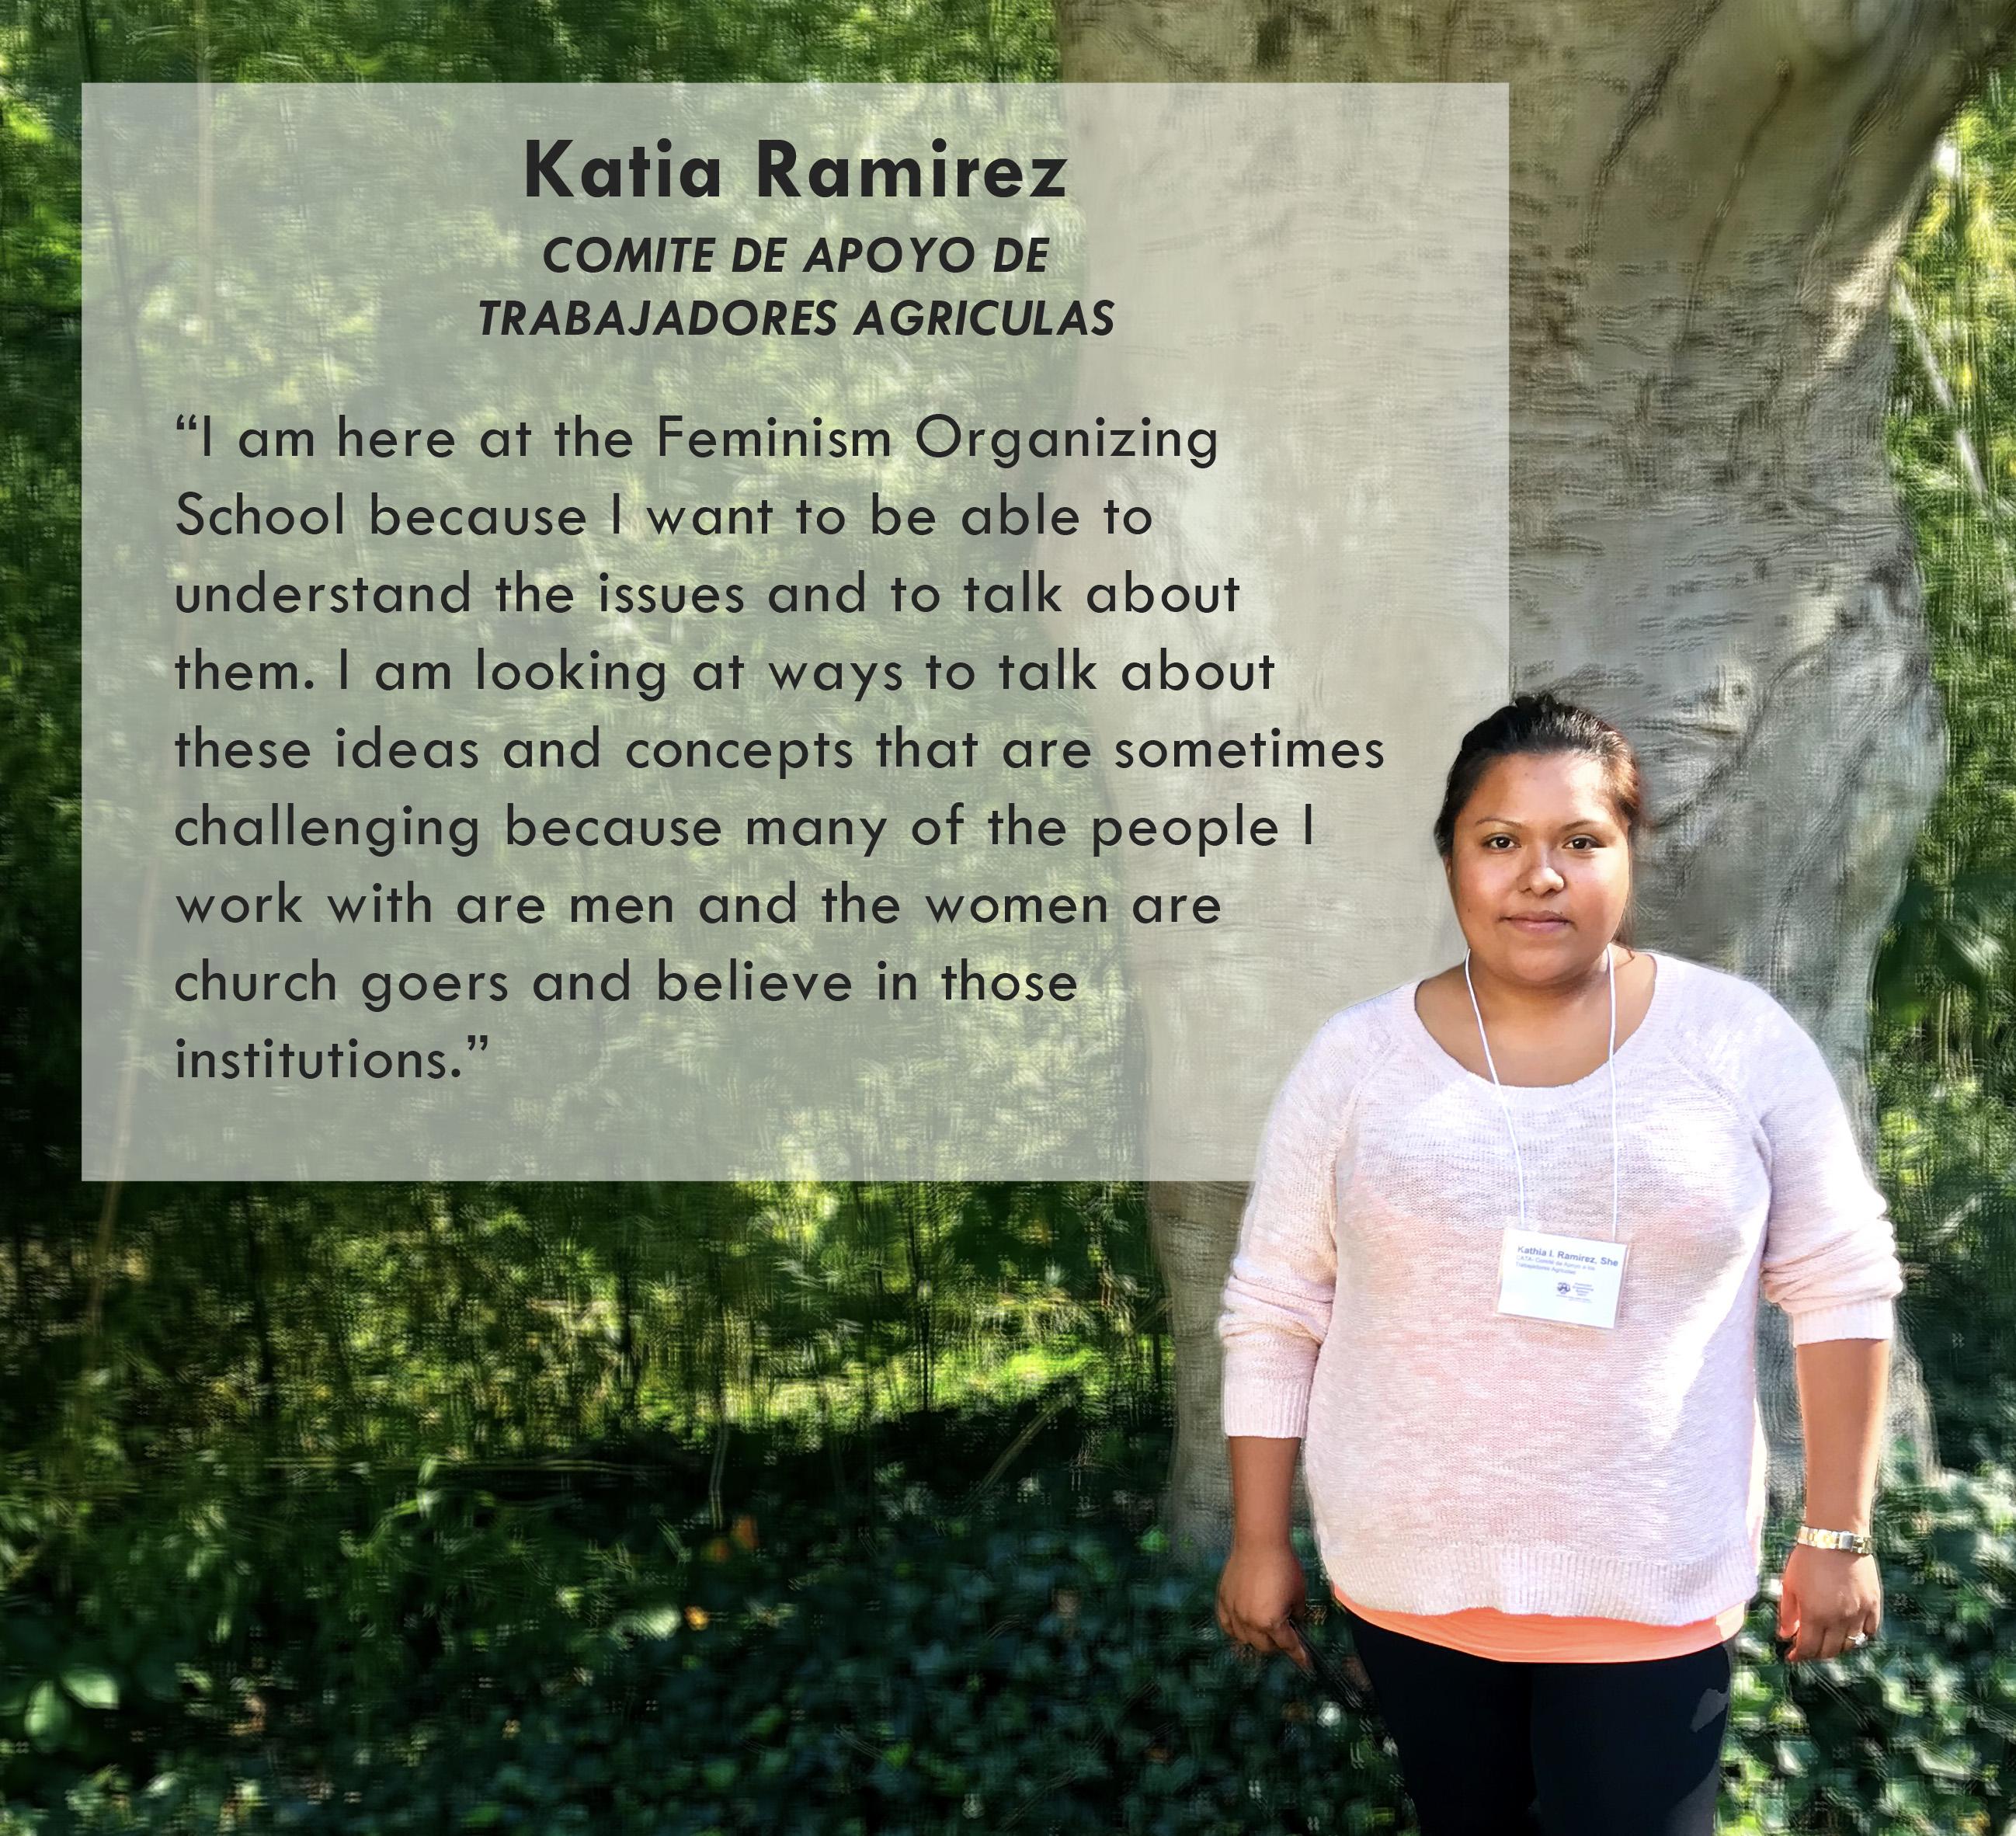 Katia Ramirez